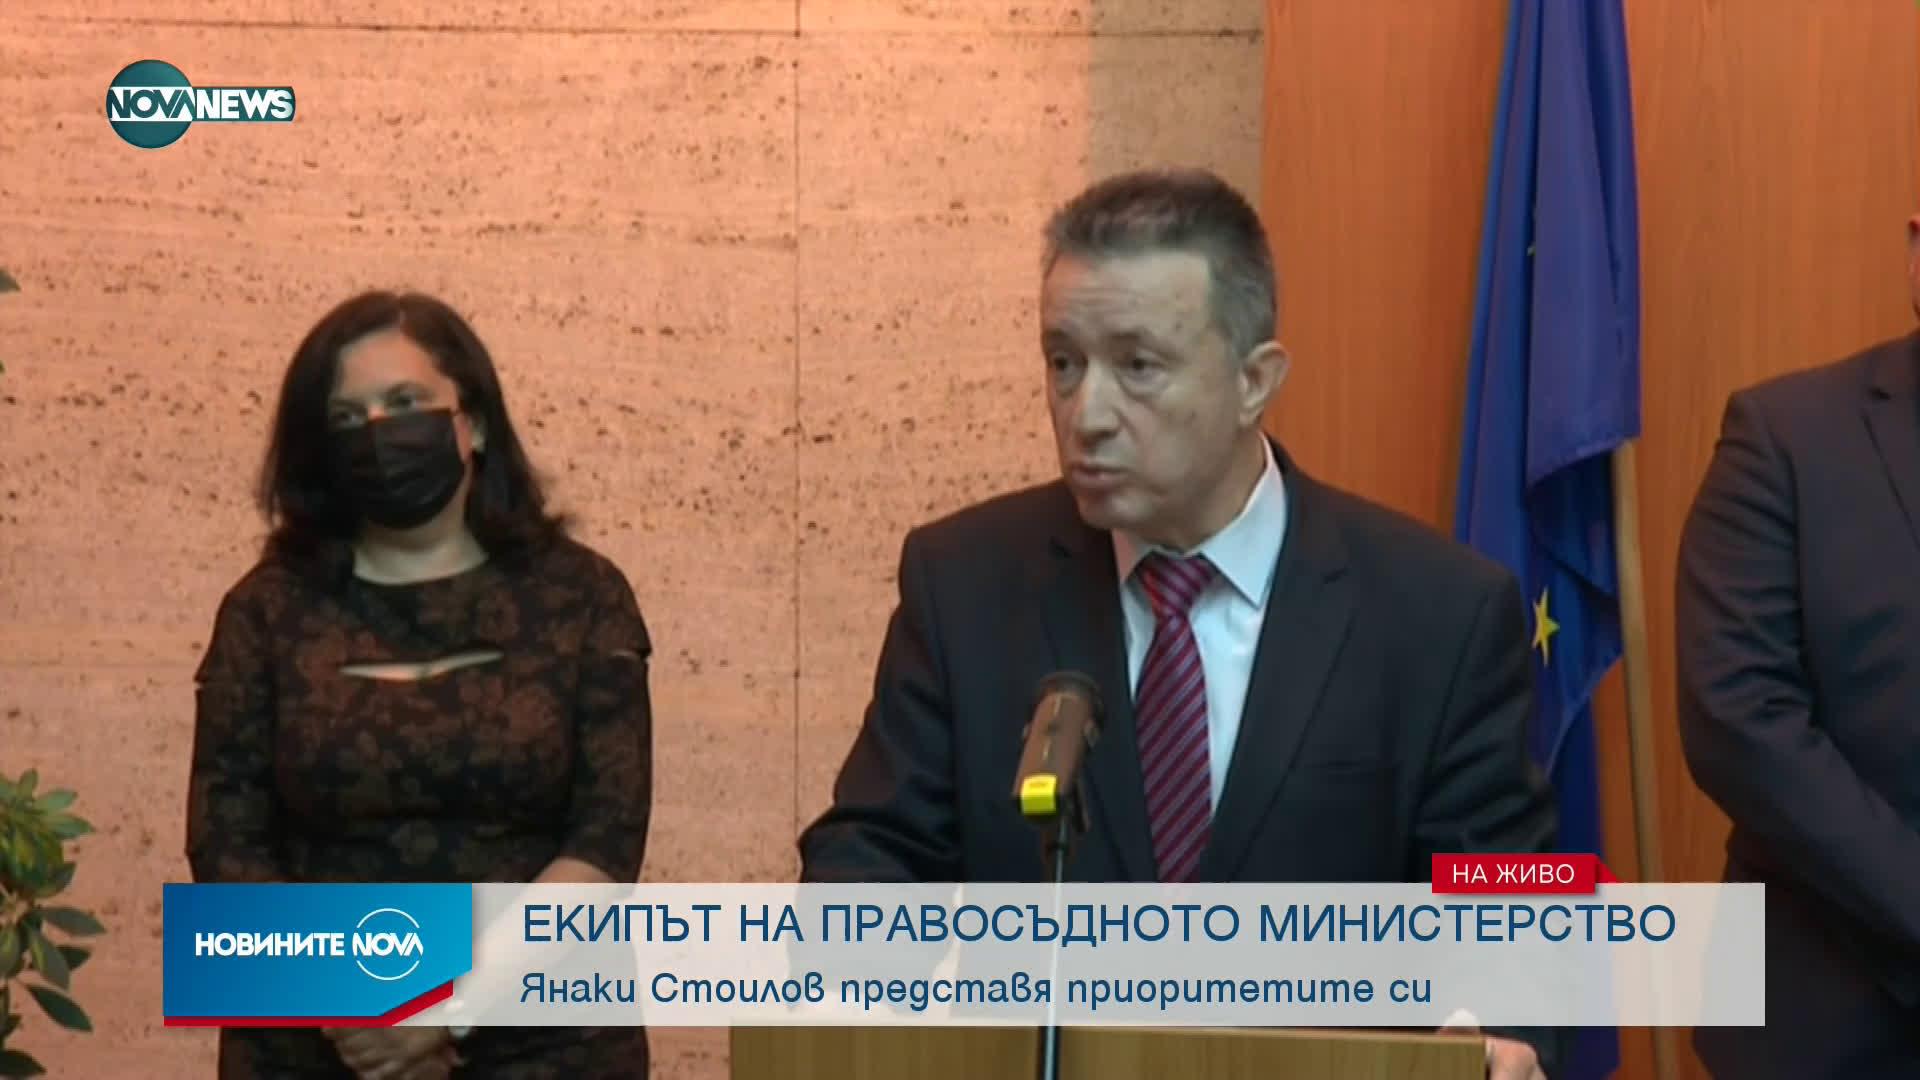 Правосъдният министър представя екипа и приоритетите си